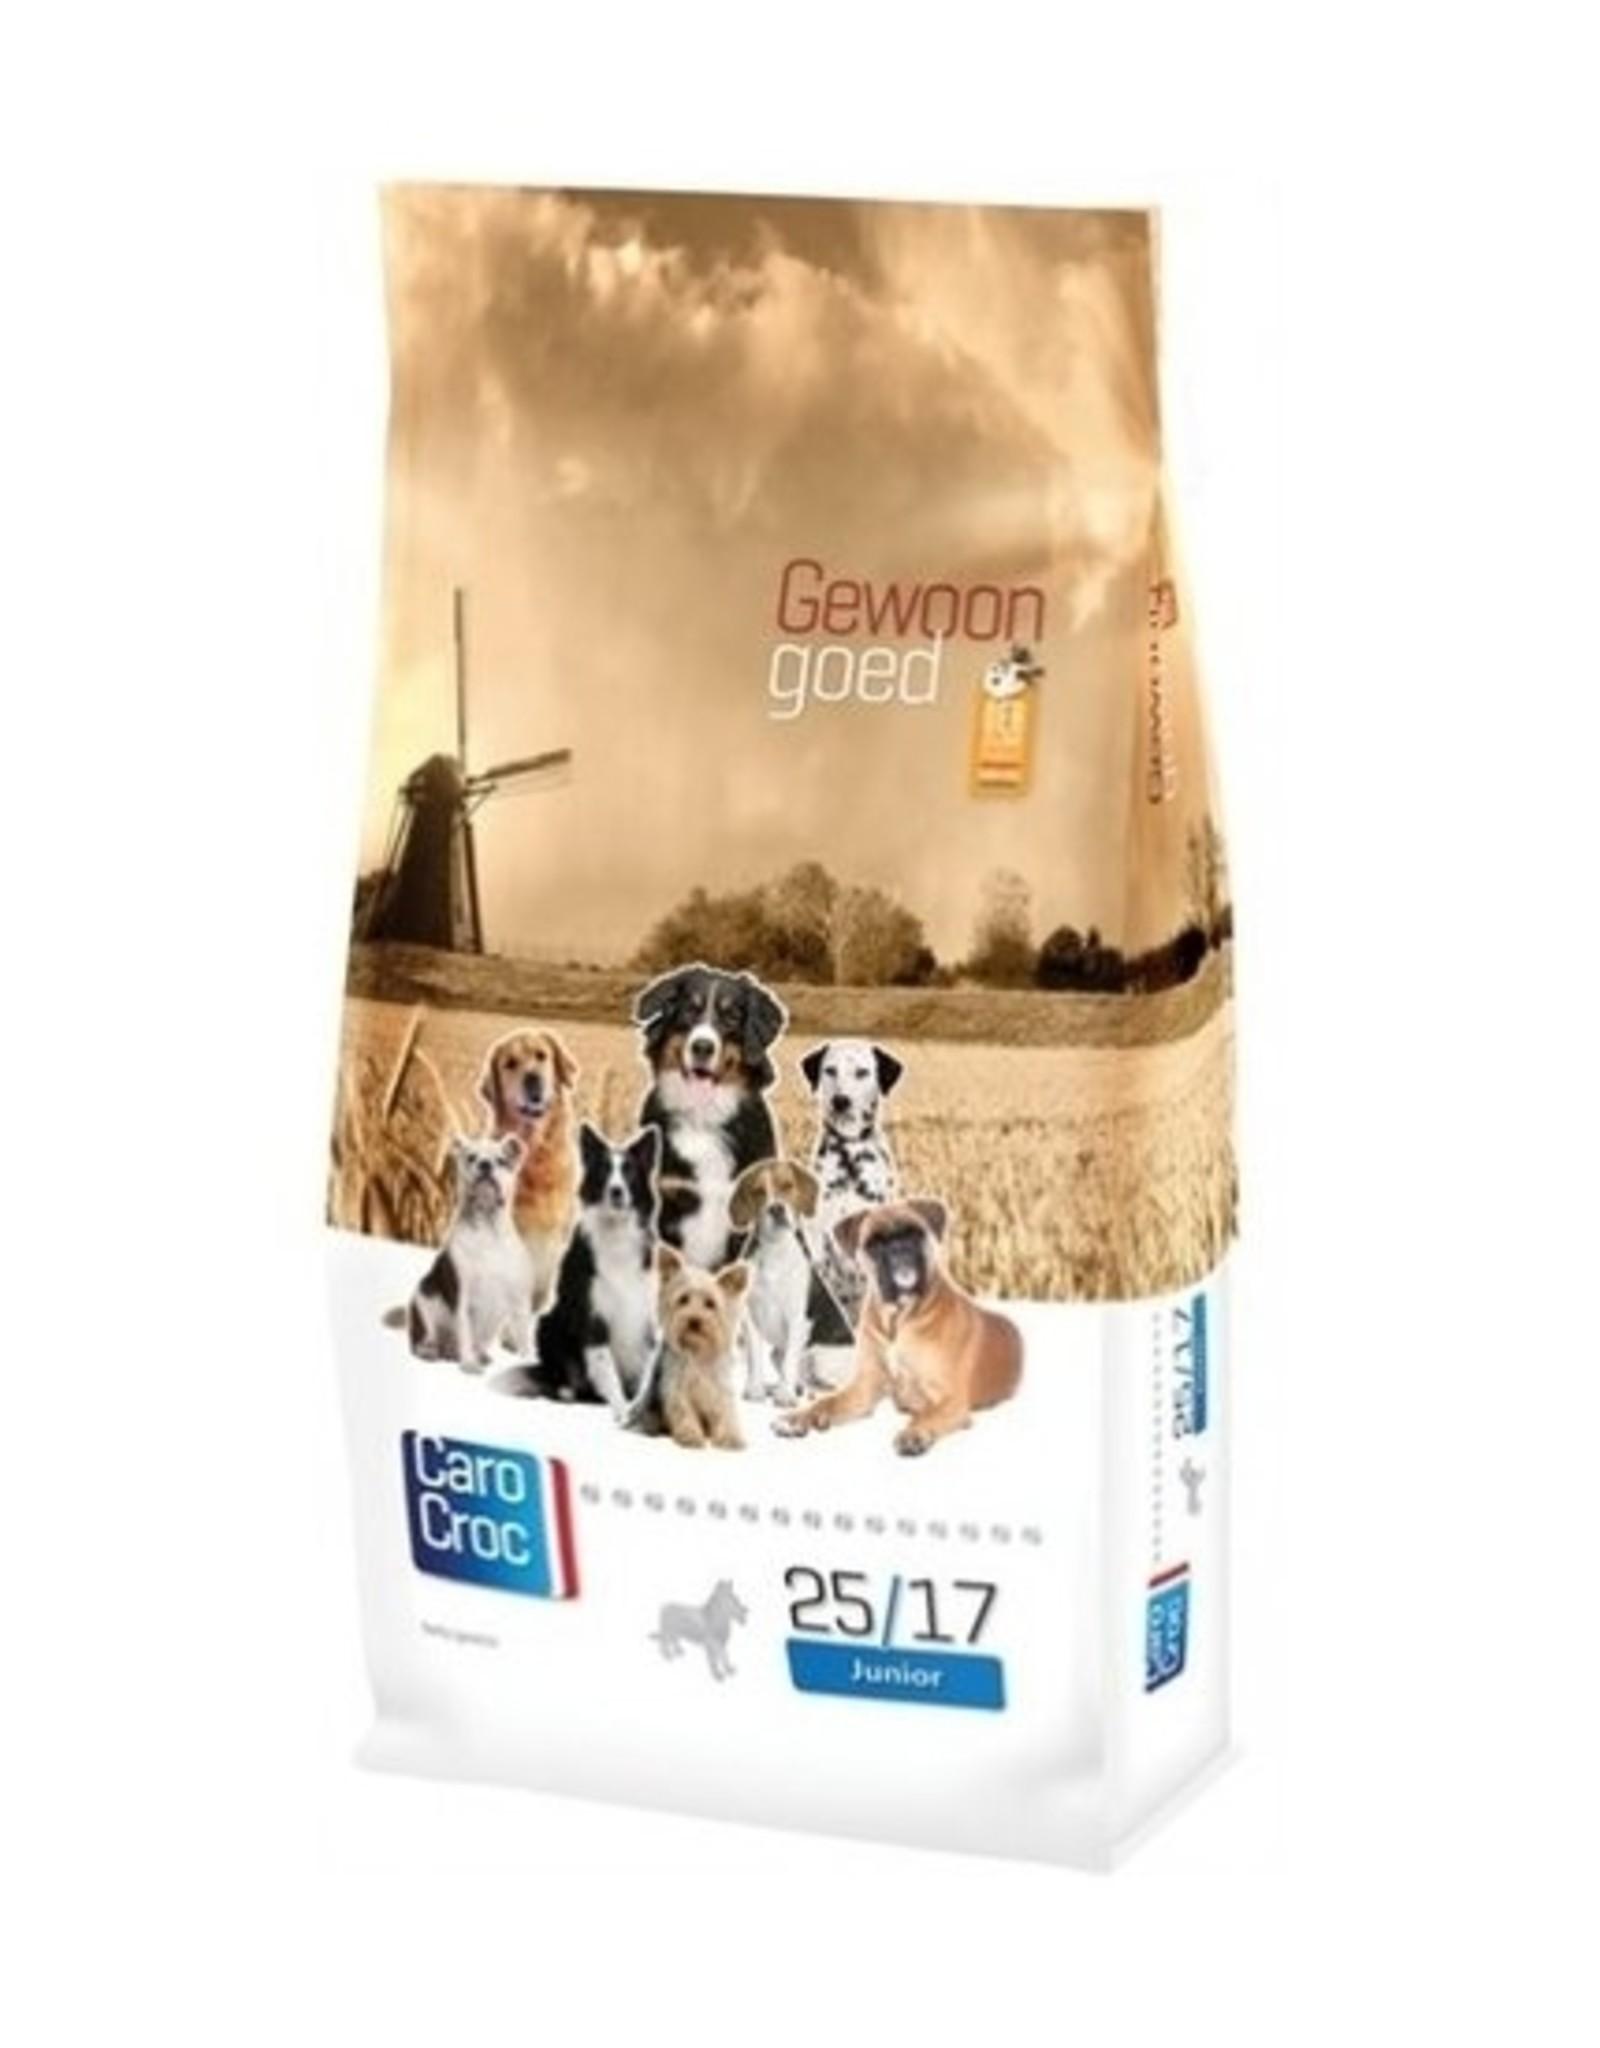 Sanimed Sanimed Carocroc Junior Hund 25/17 (huhn) Reis 15kg